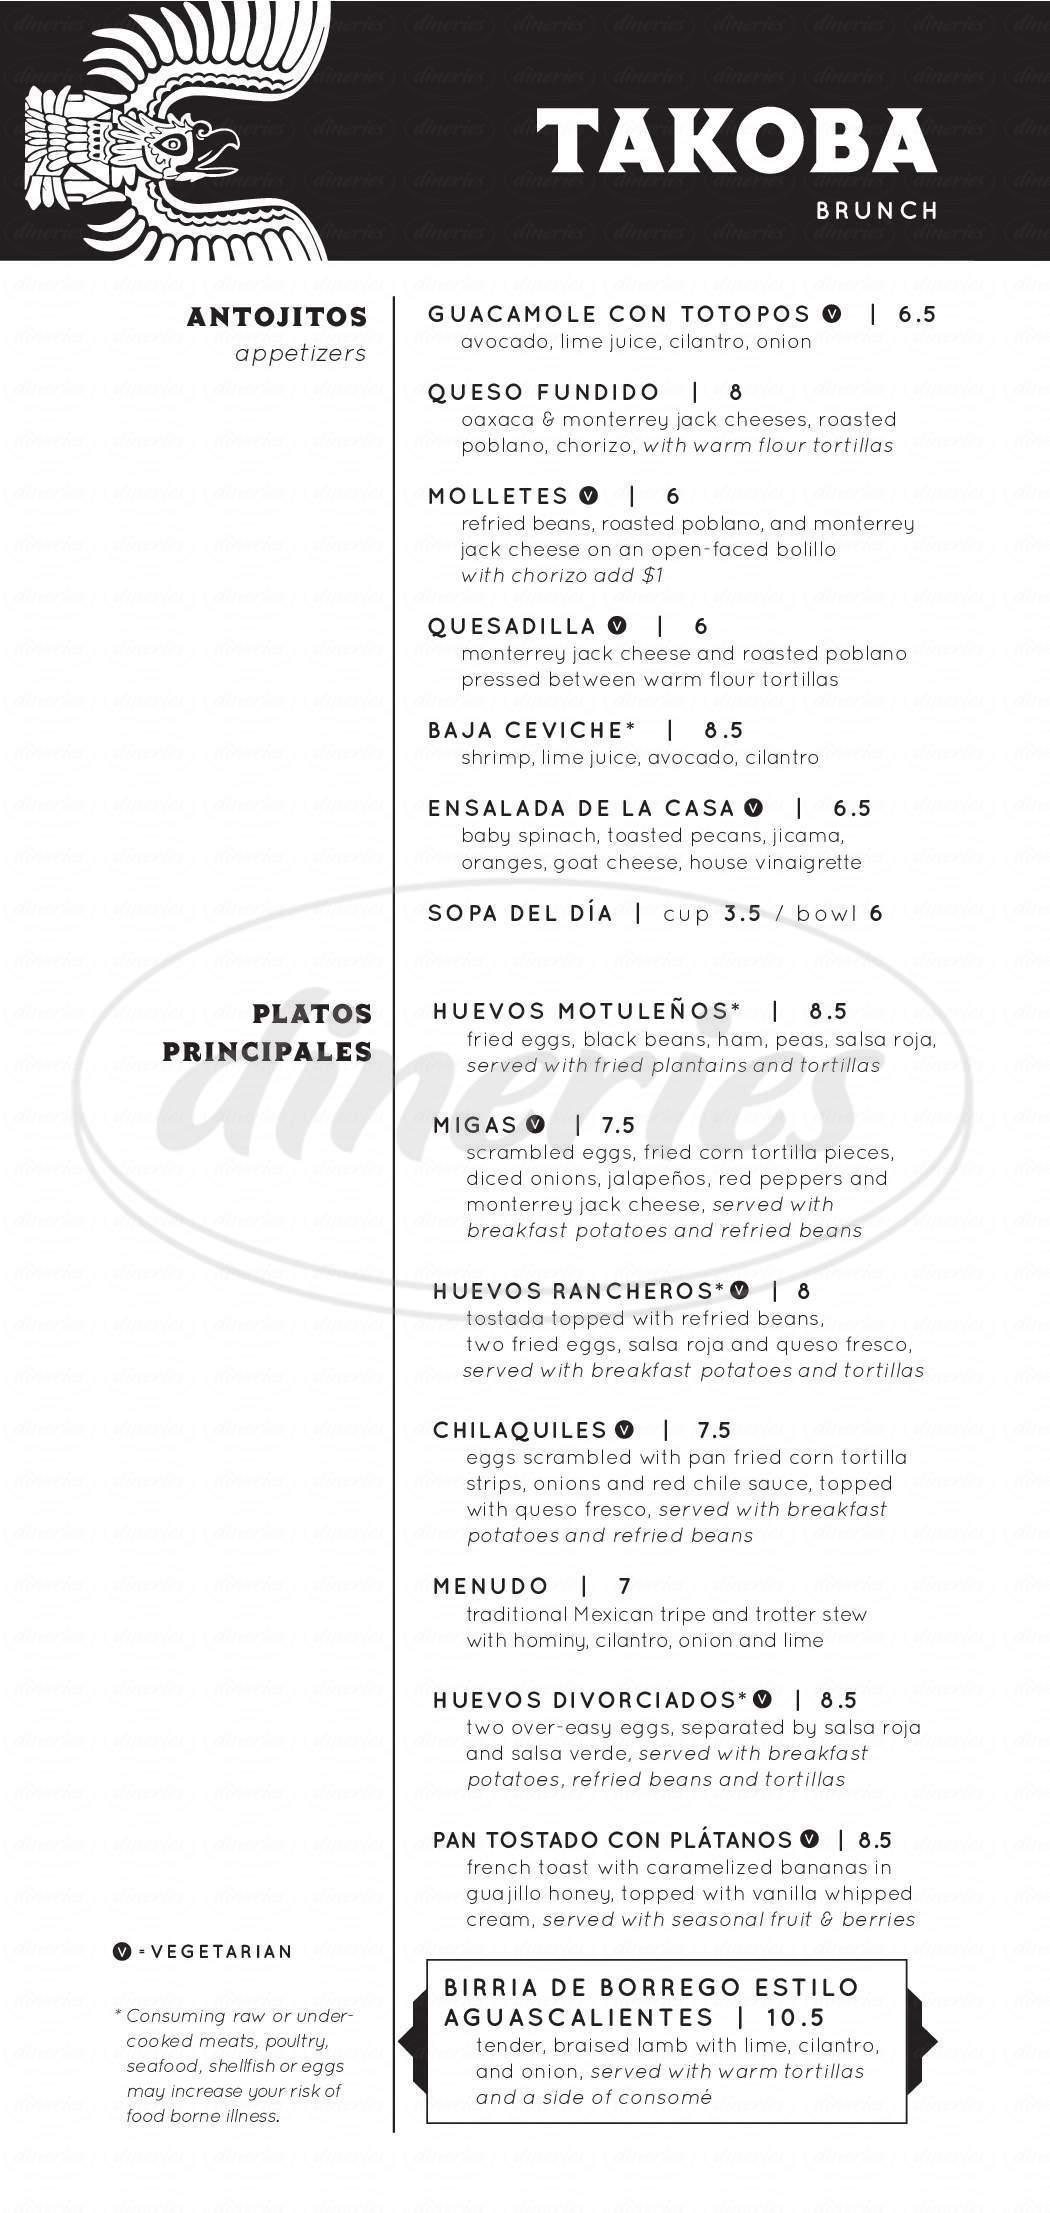 menu for Takoba